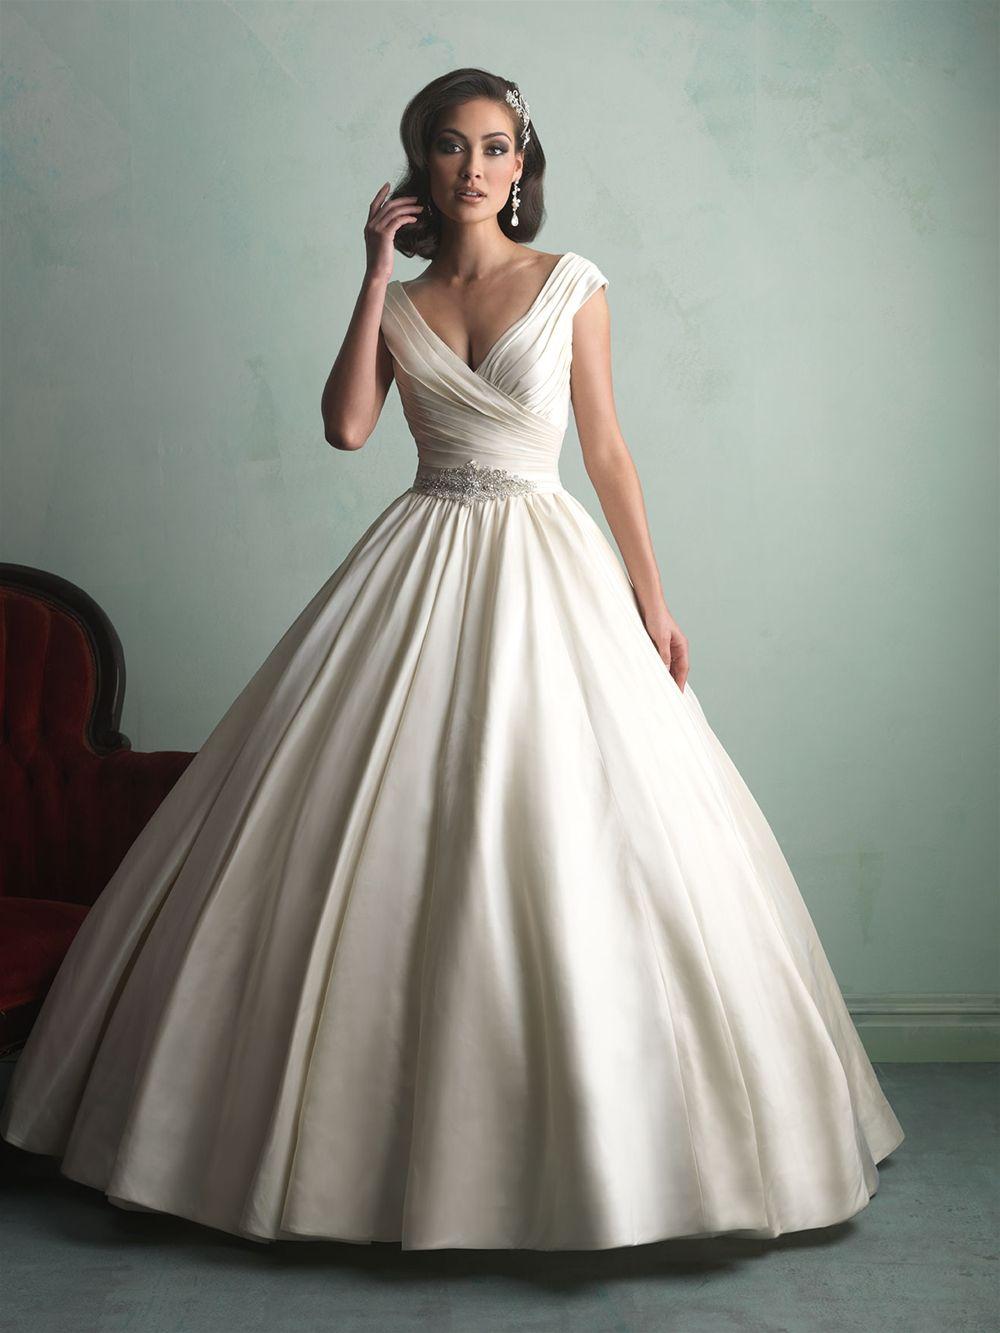 Classic Bride Dresses 2014